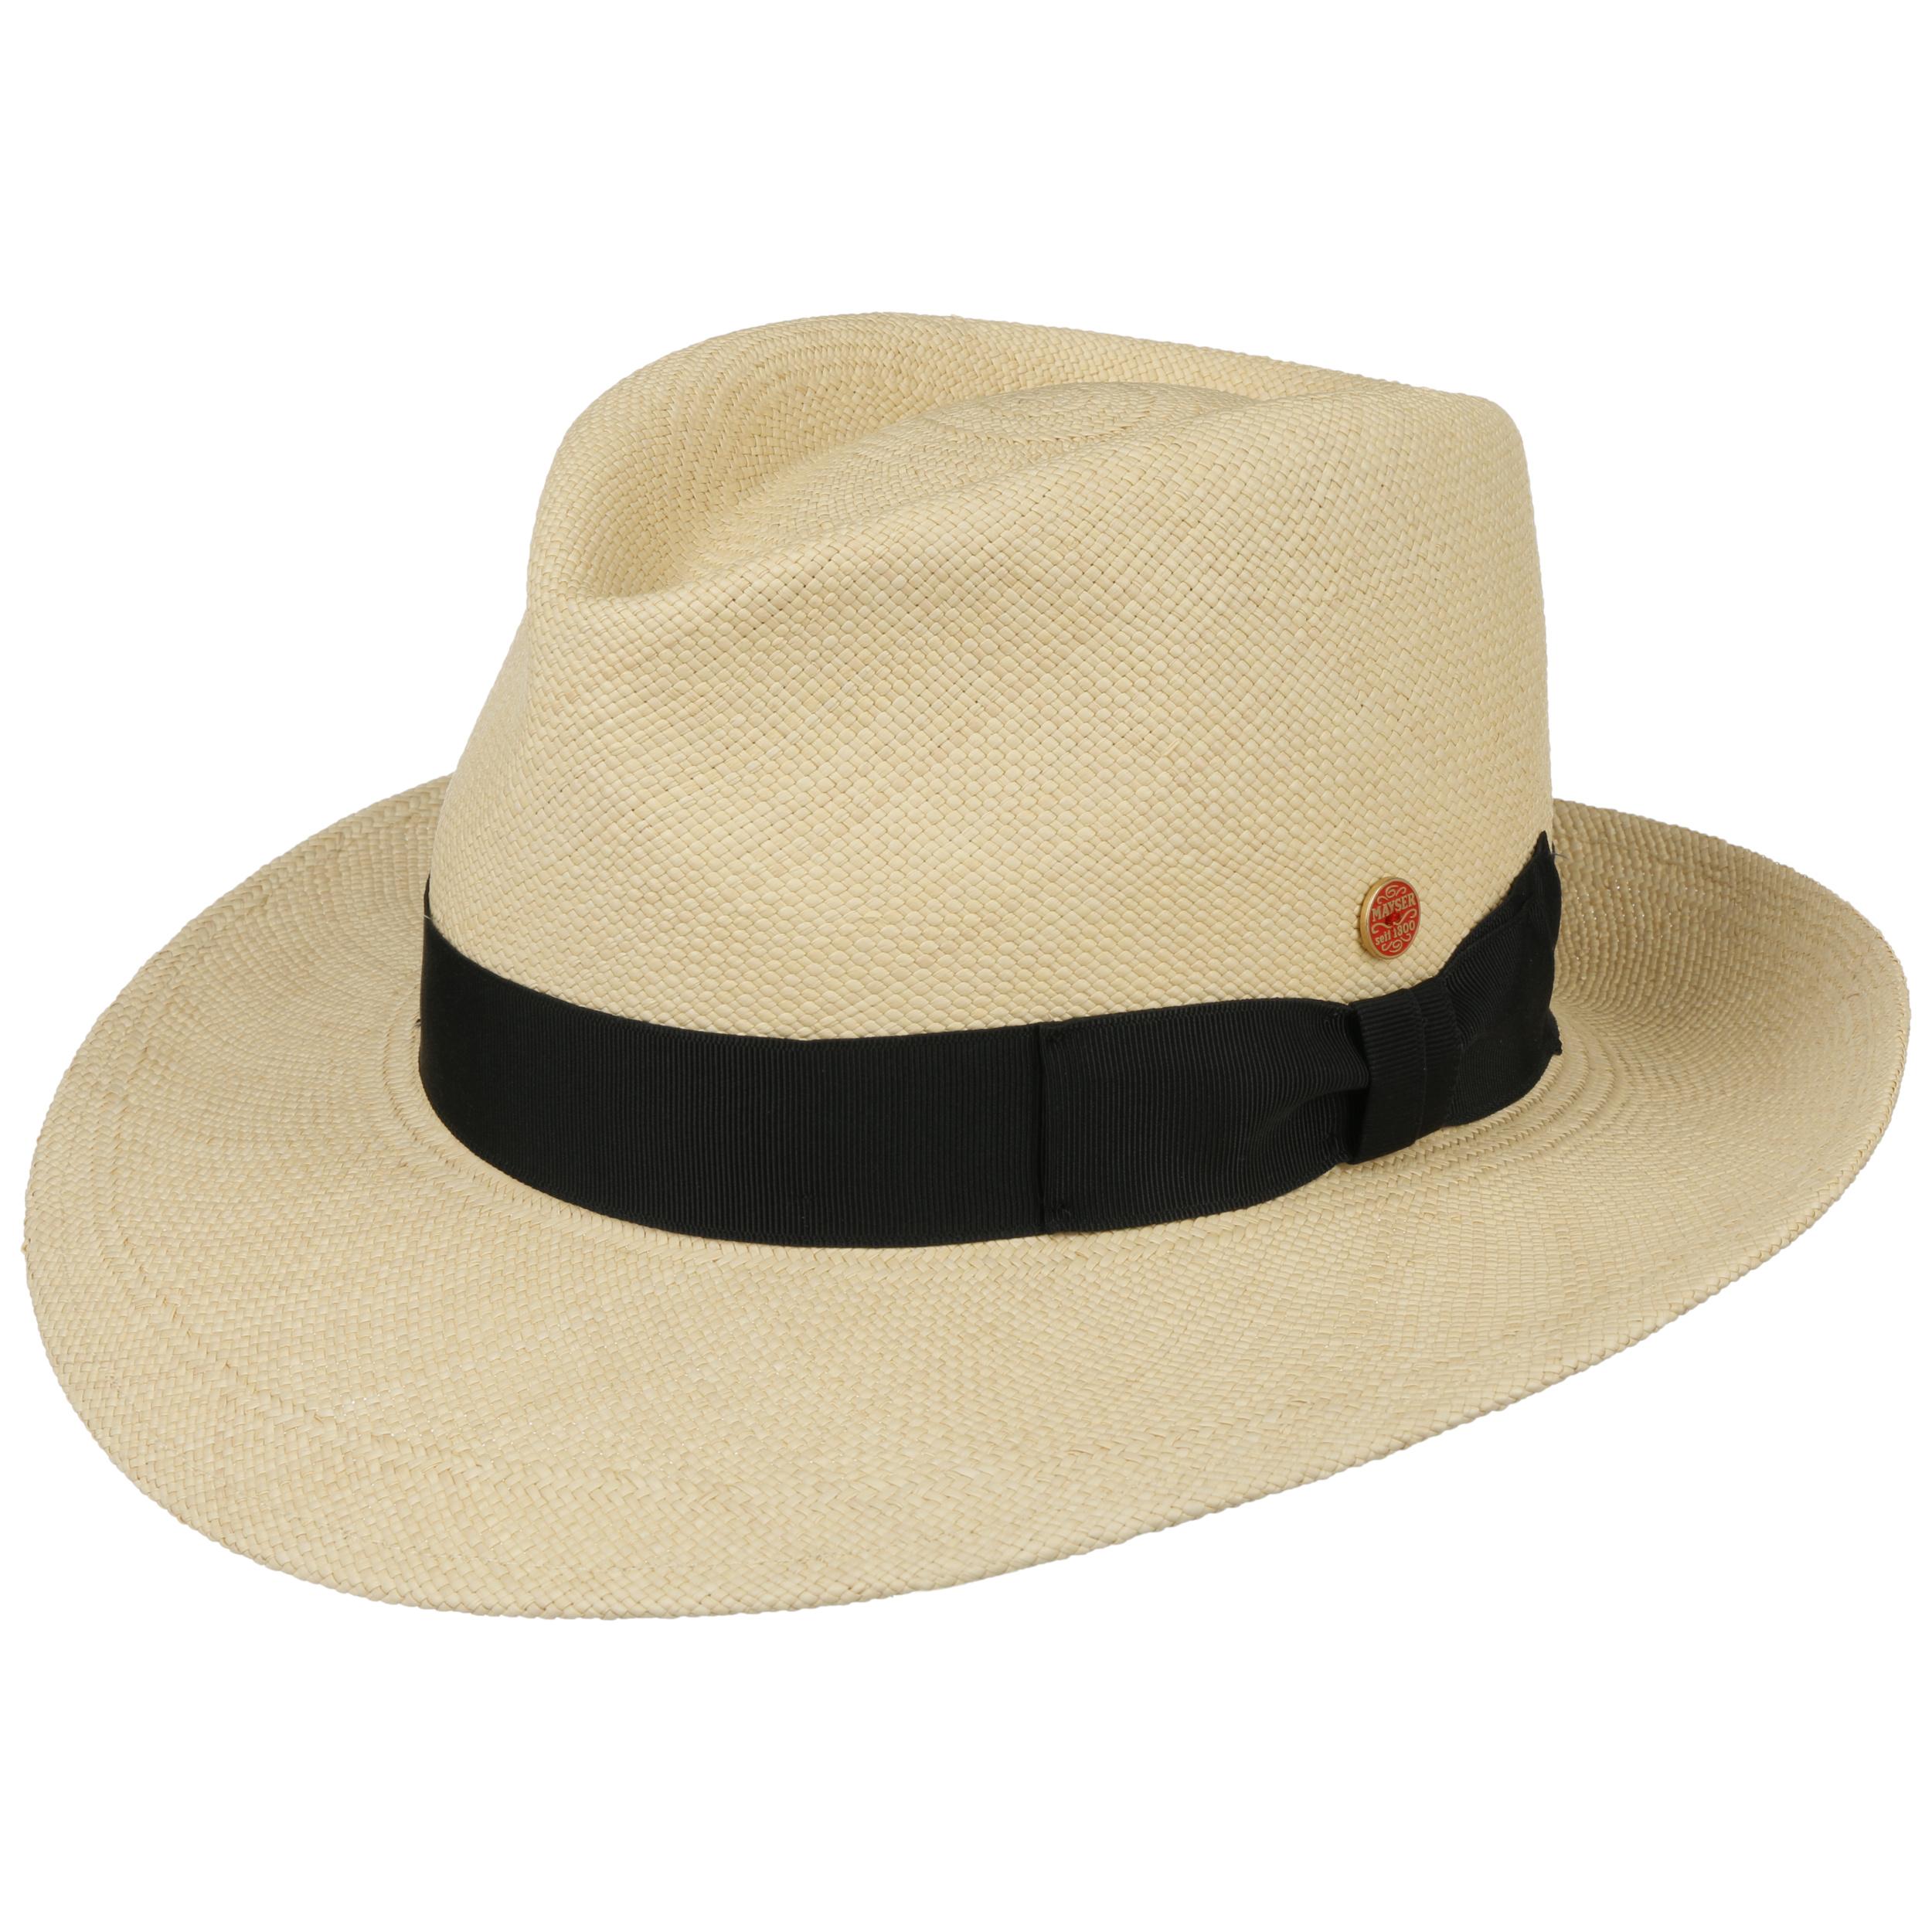 aef27525f12 Panama Bogart Hat by Mayser